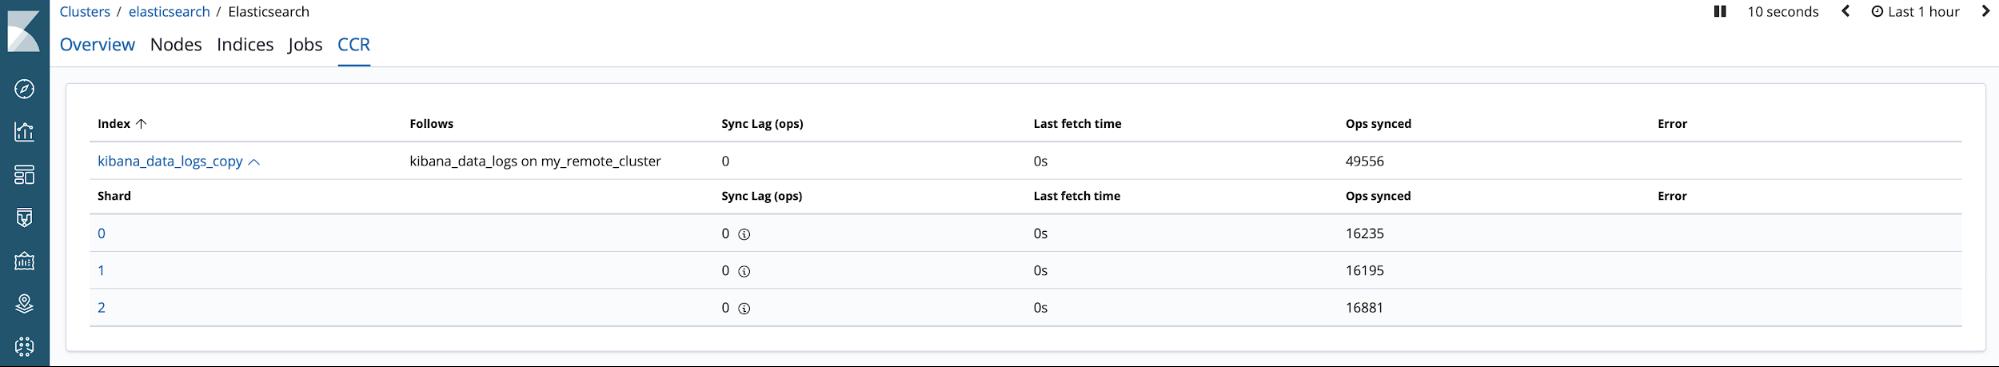 Interface utilisateur du Monitoring de la CCR Elasticsearch dans Kibana